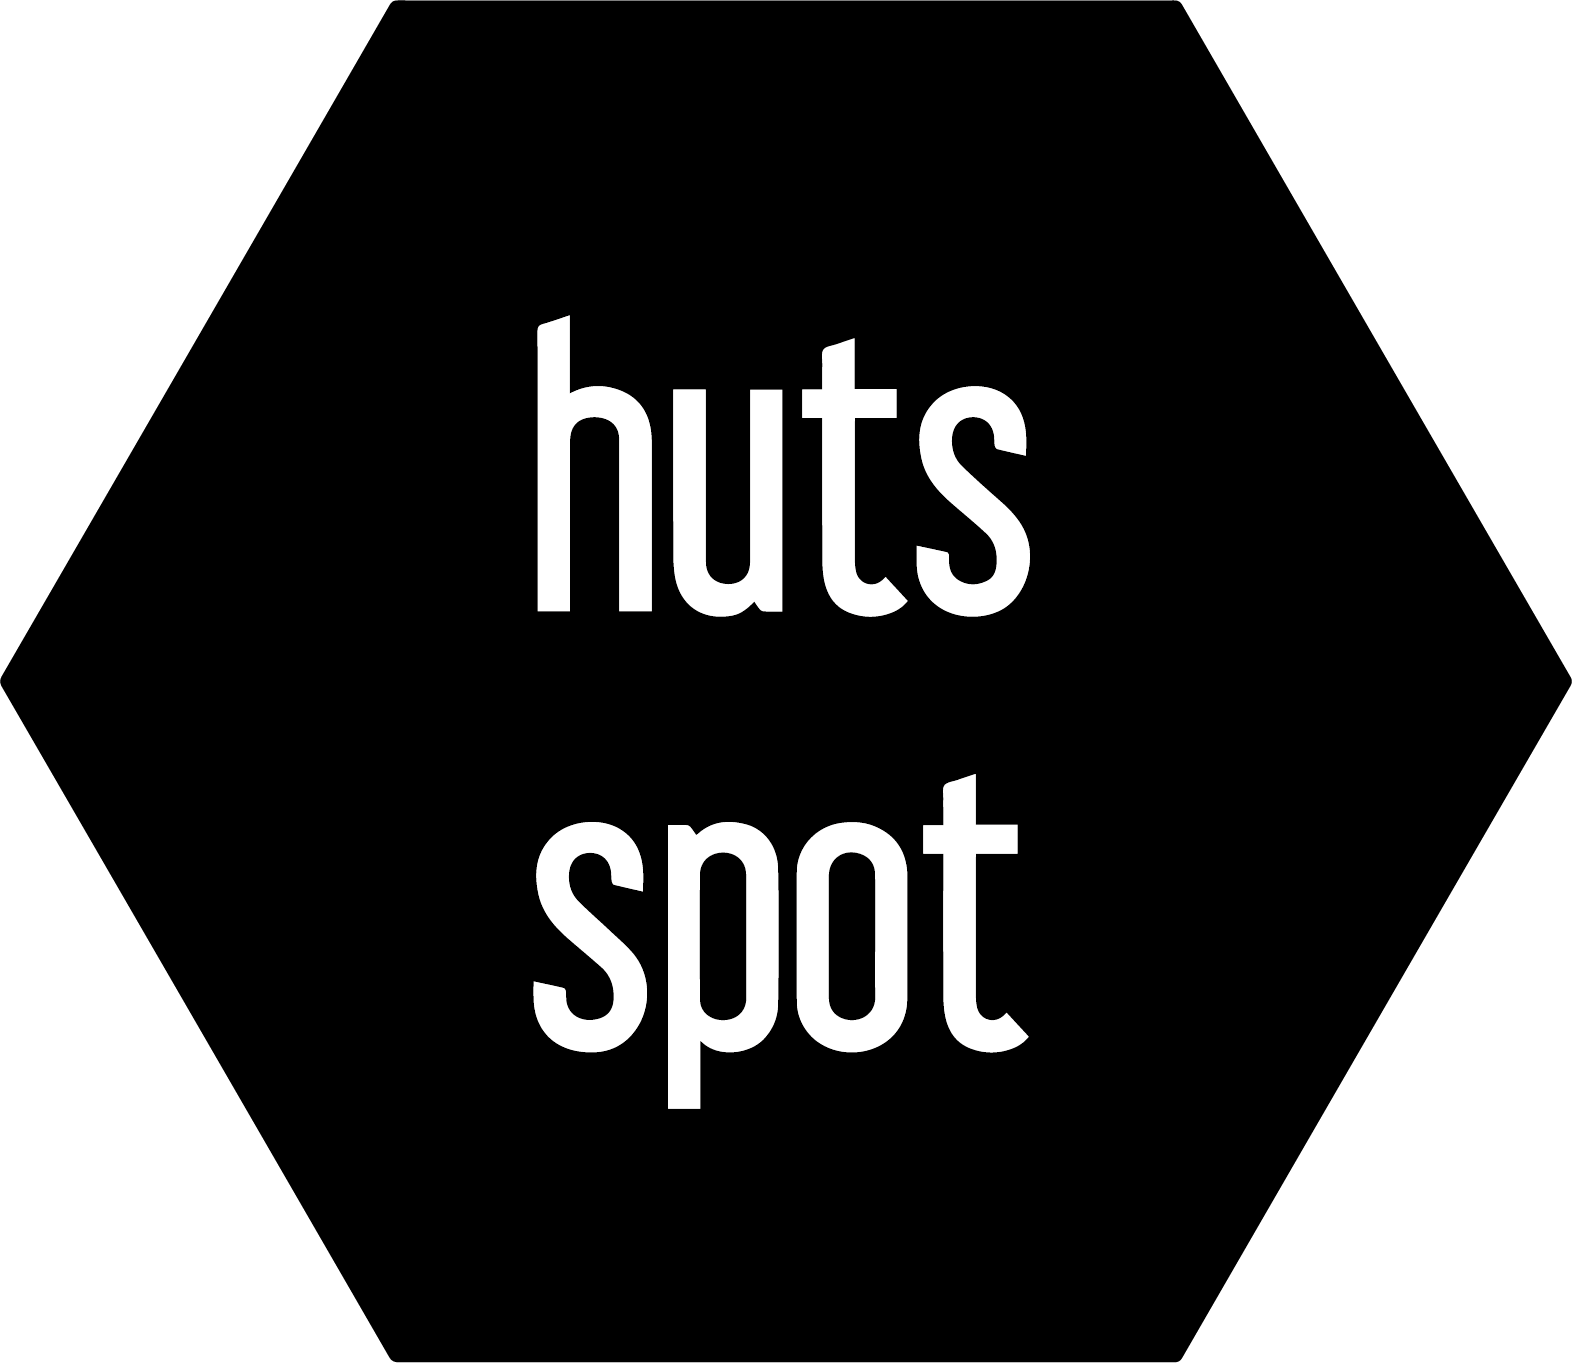 Huts Spot